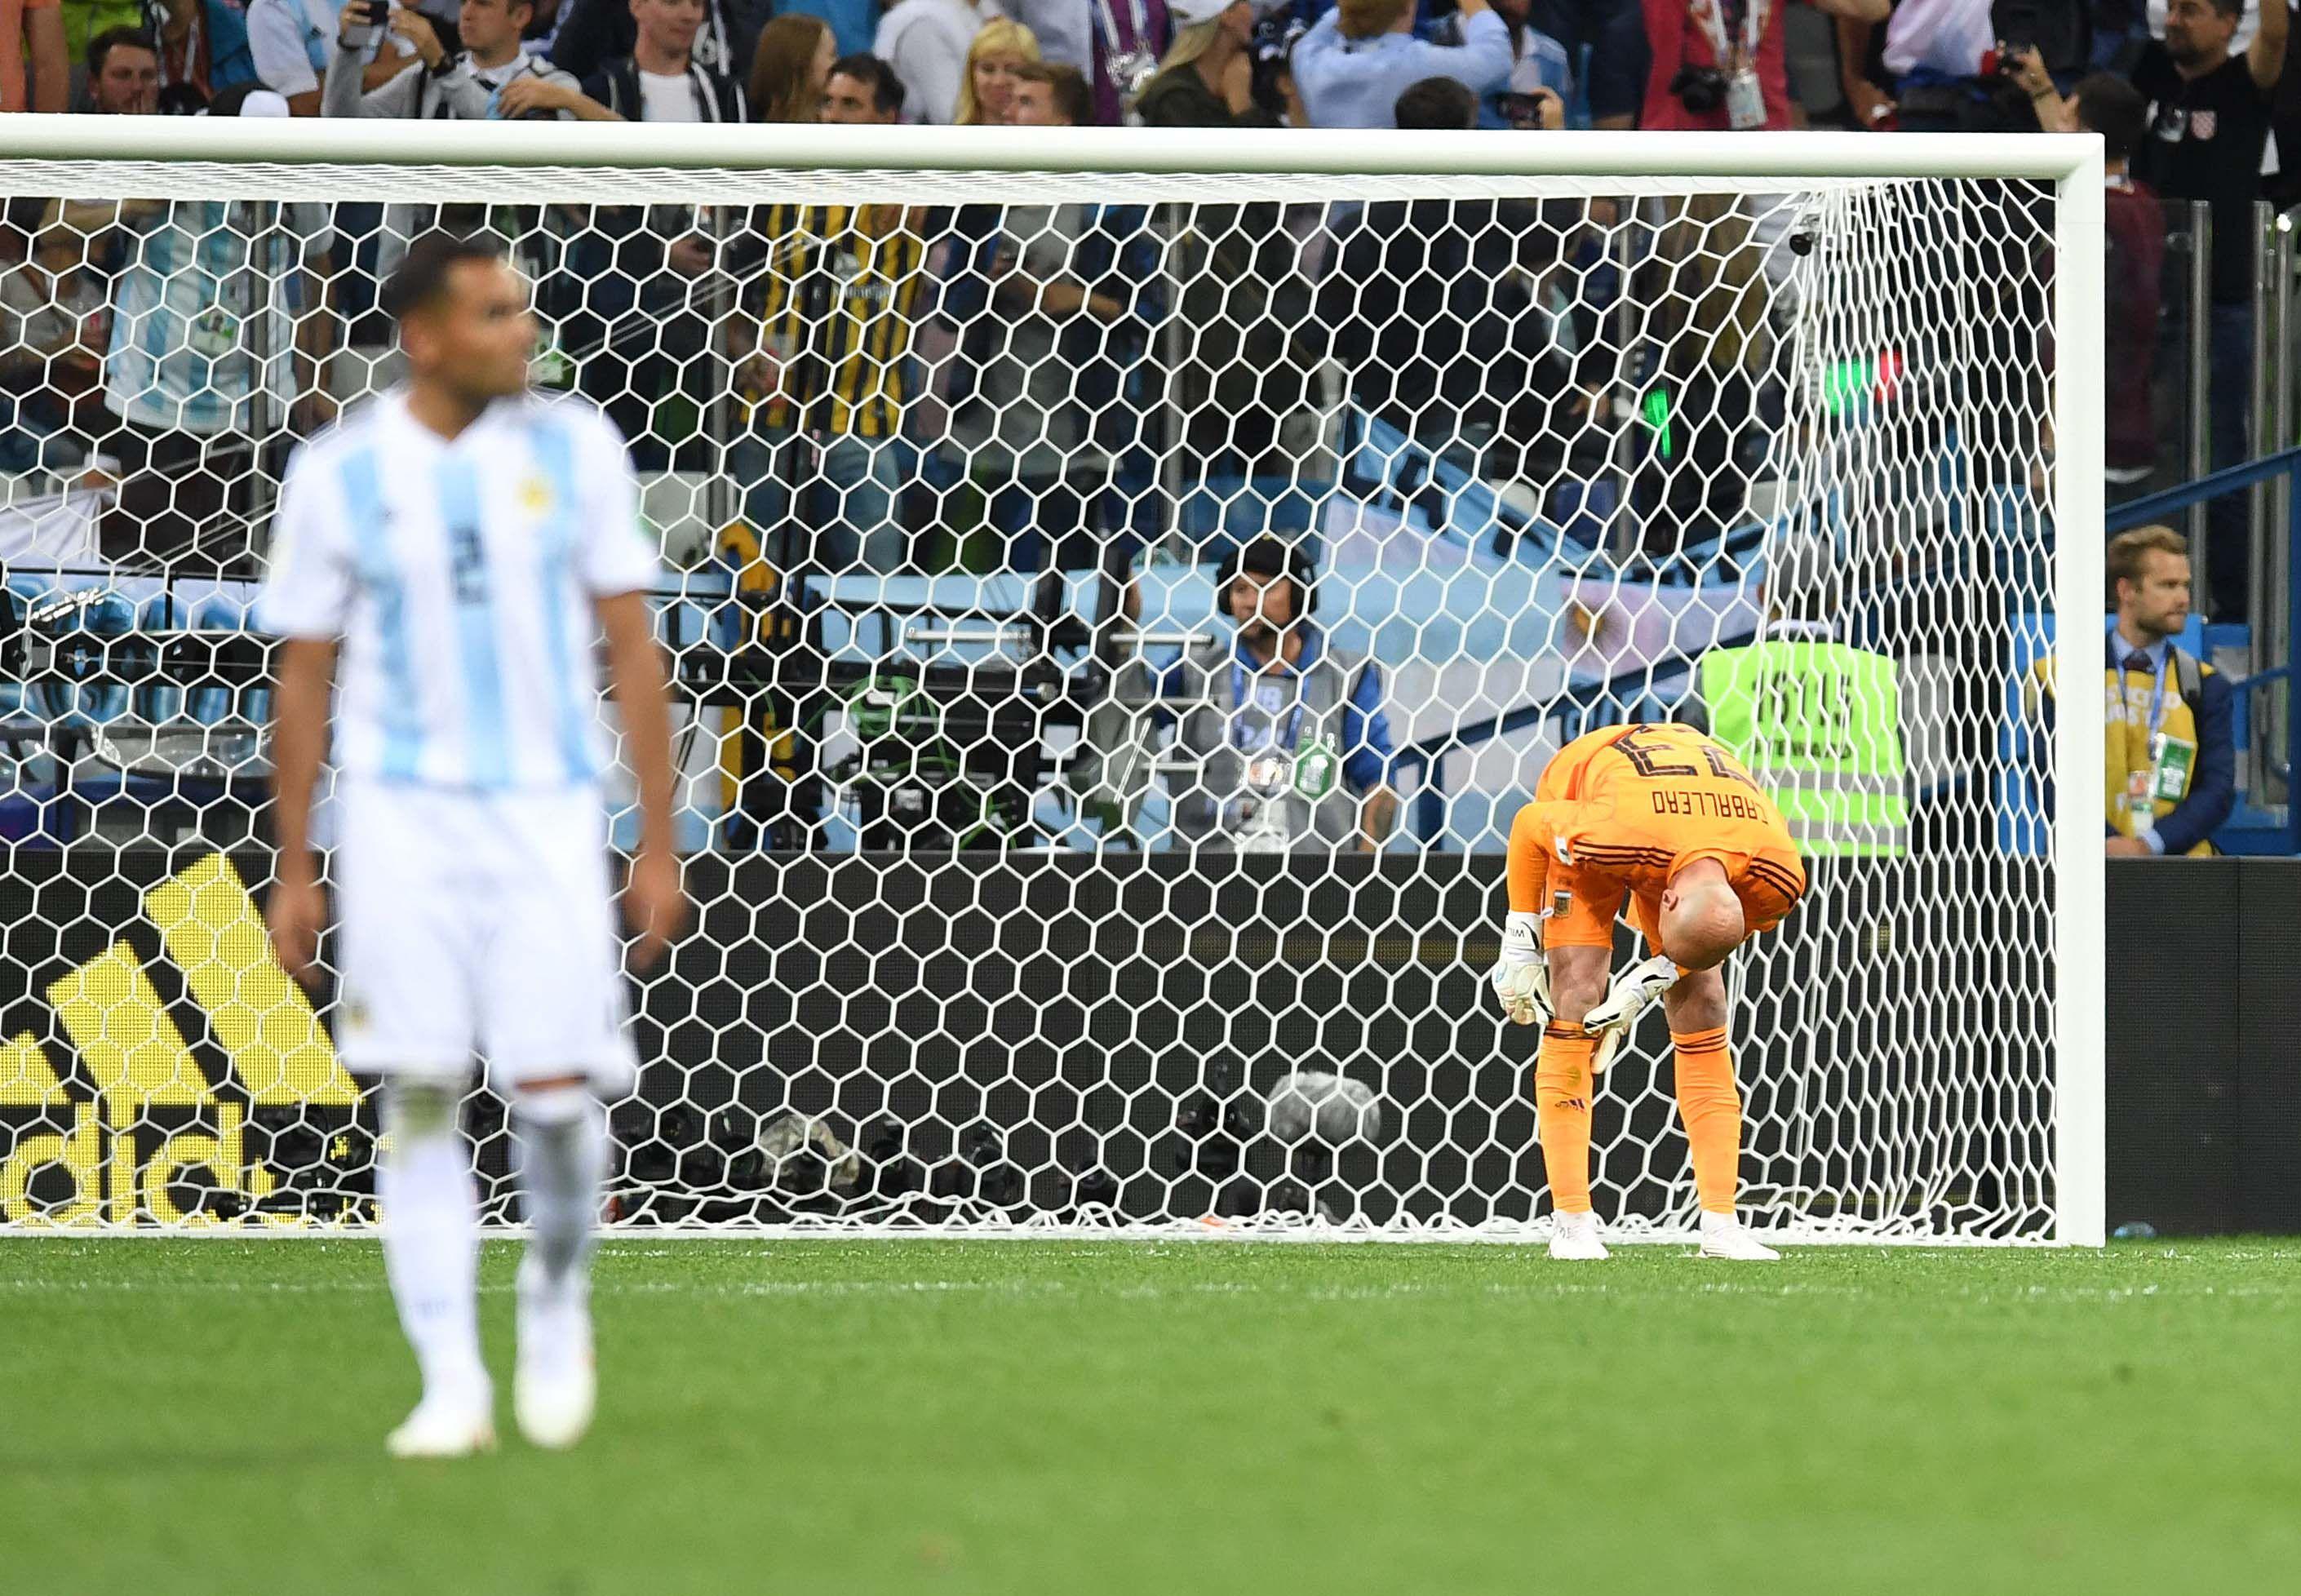 El insólito error de Caballero que le sirvió el primer gol a Croacia